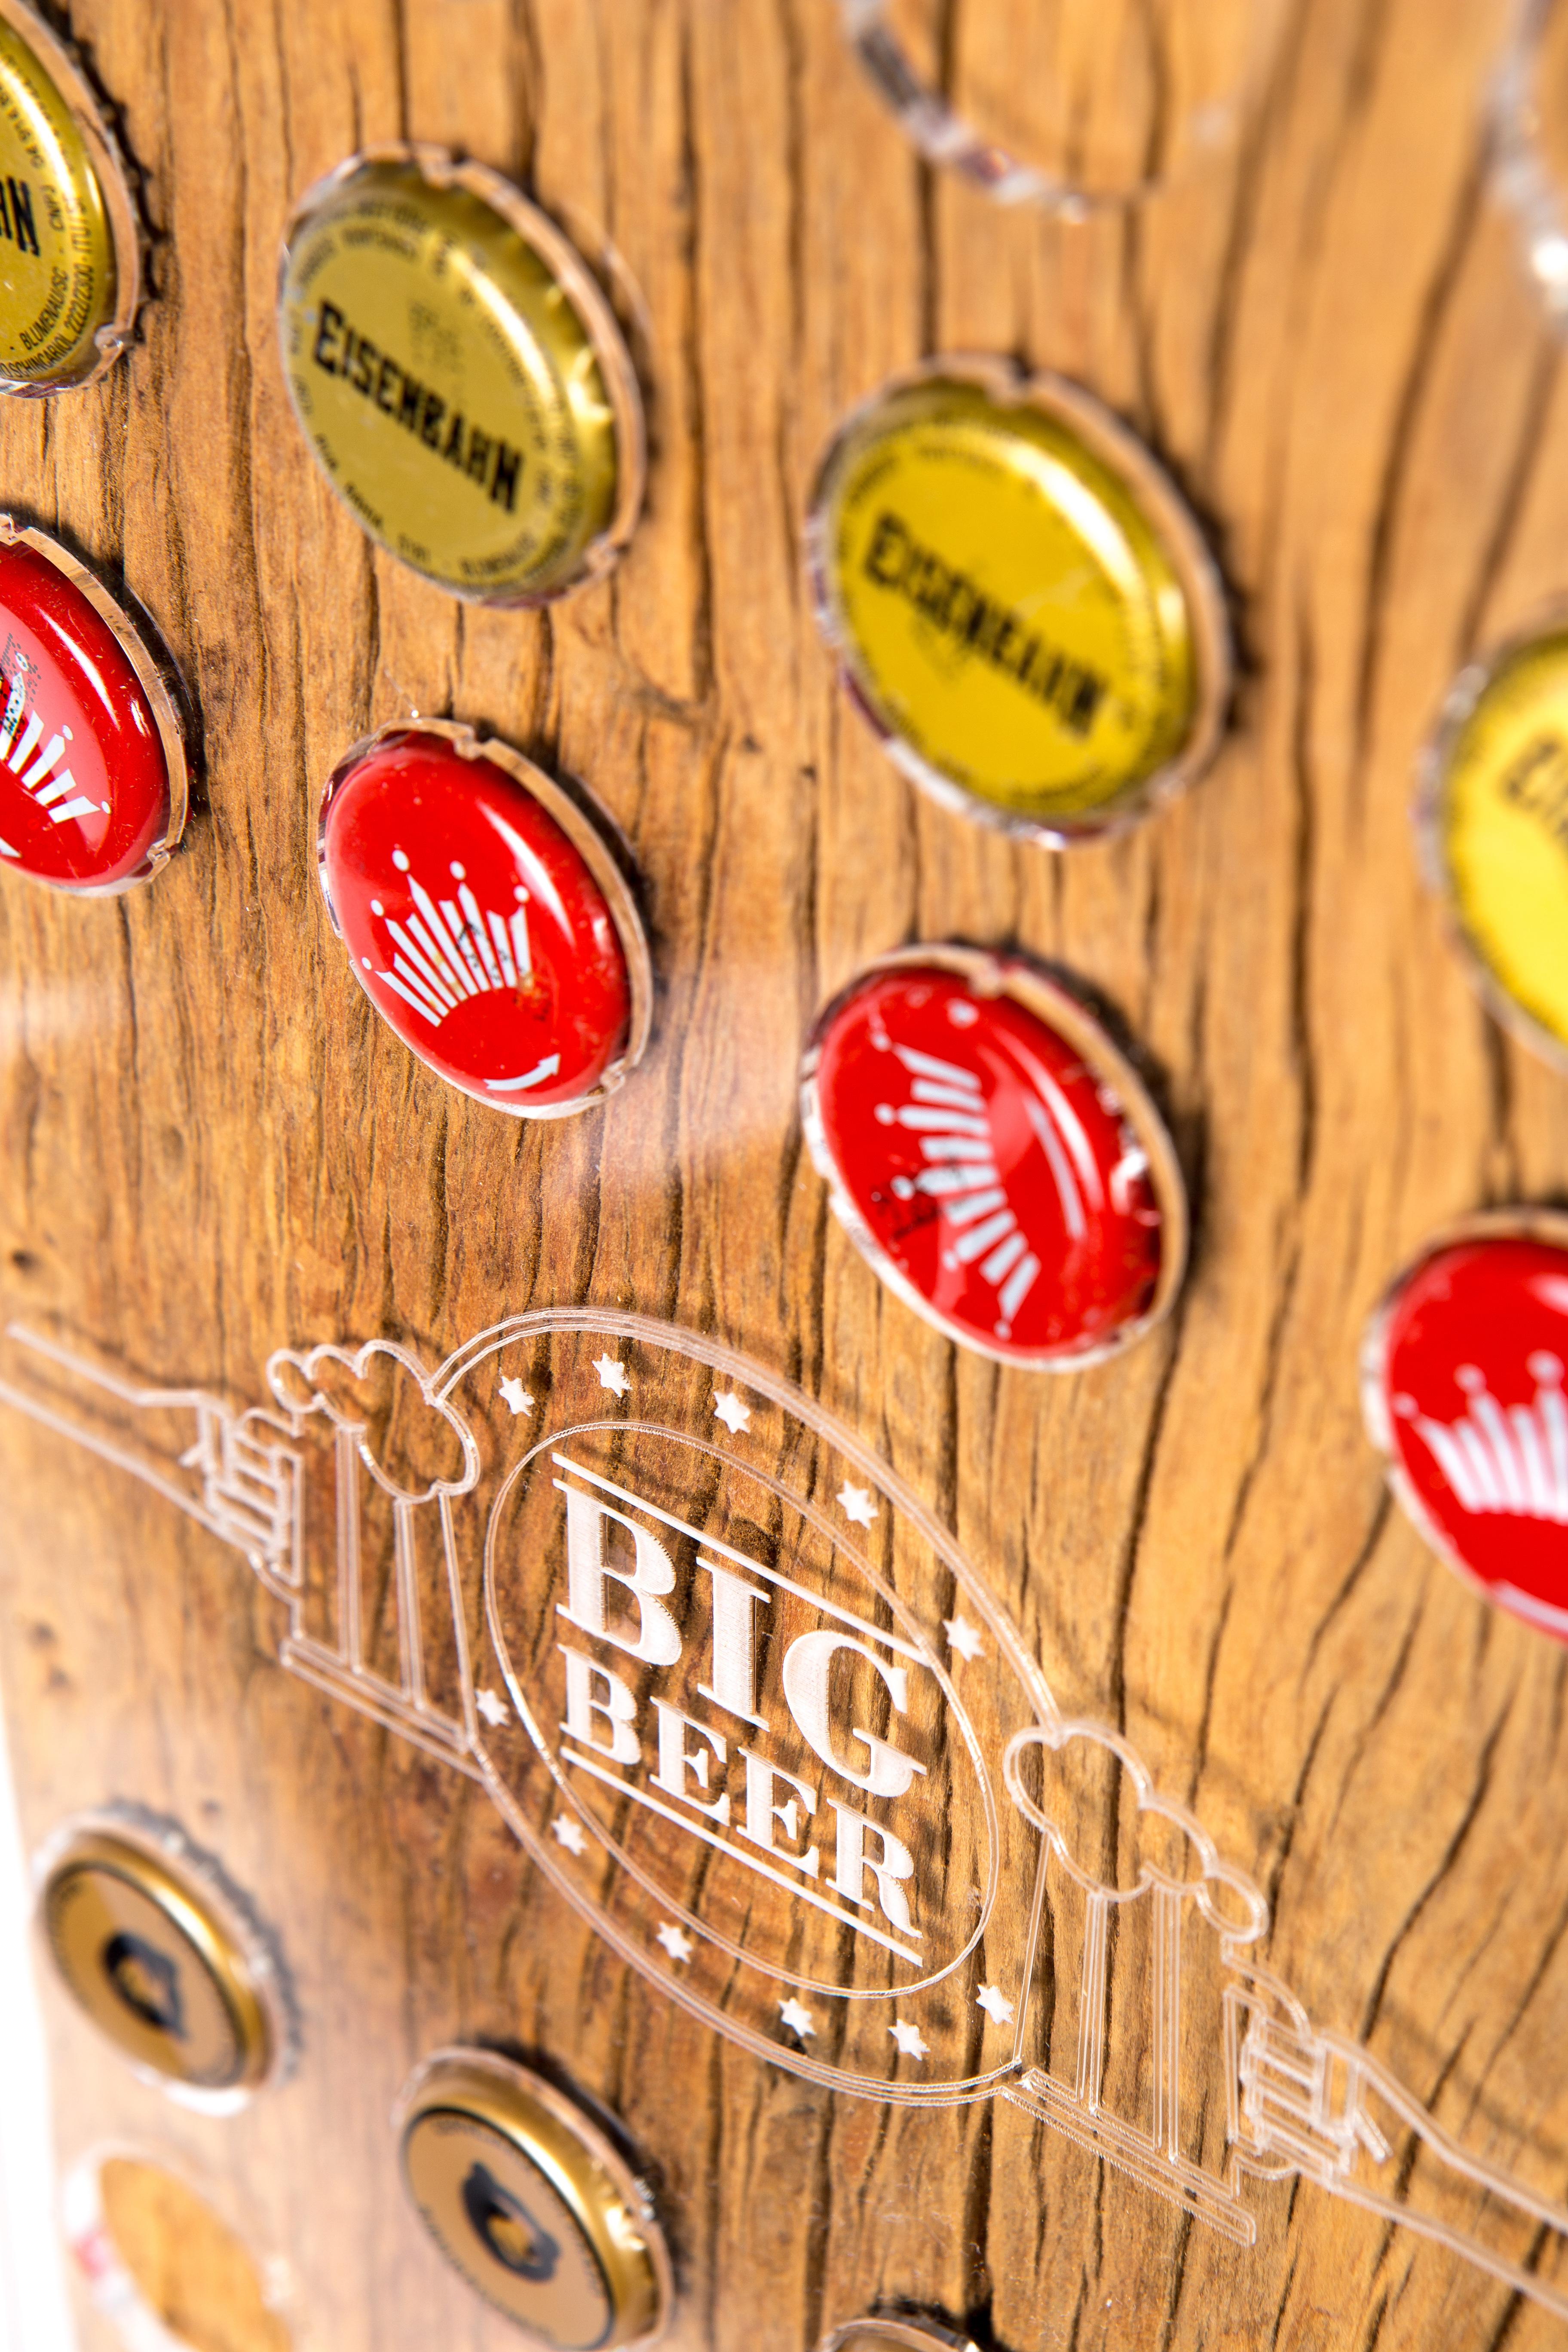 Big Beer-26